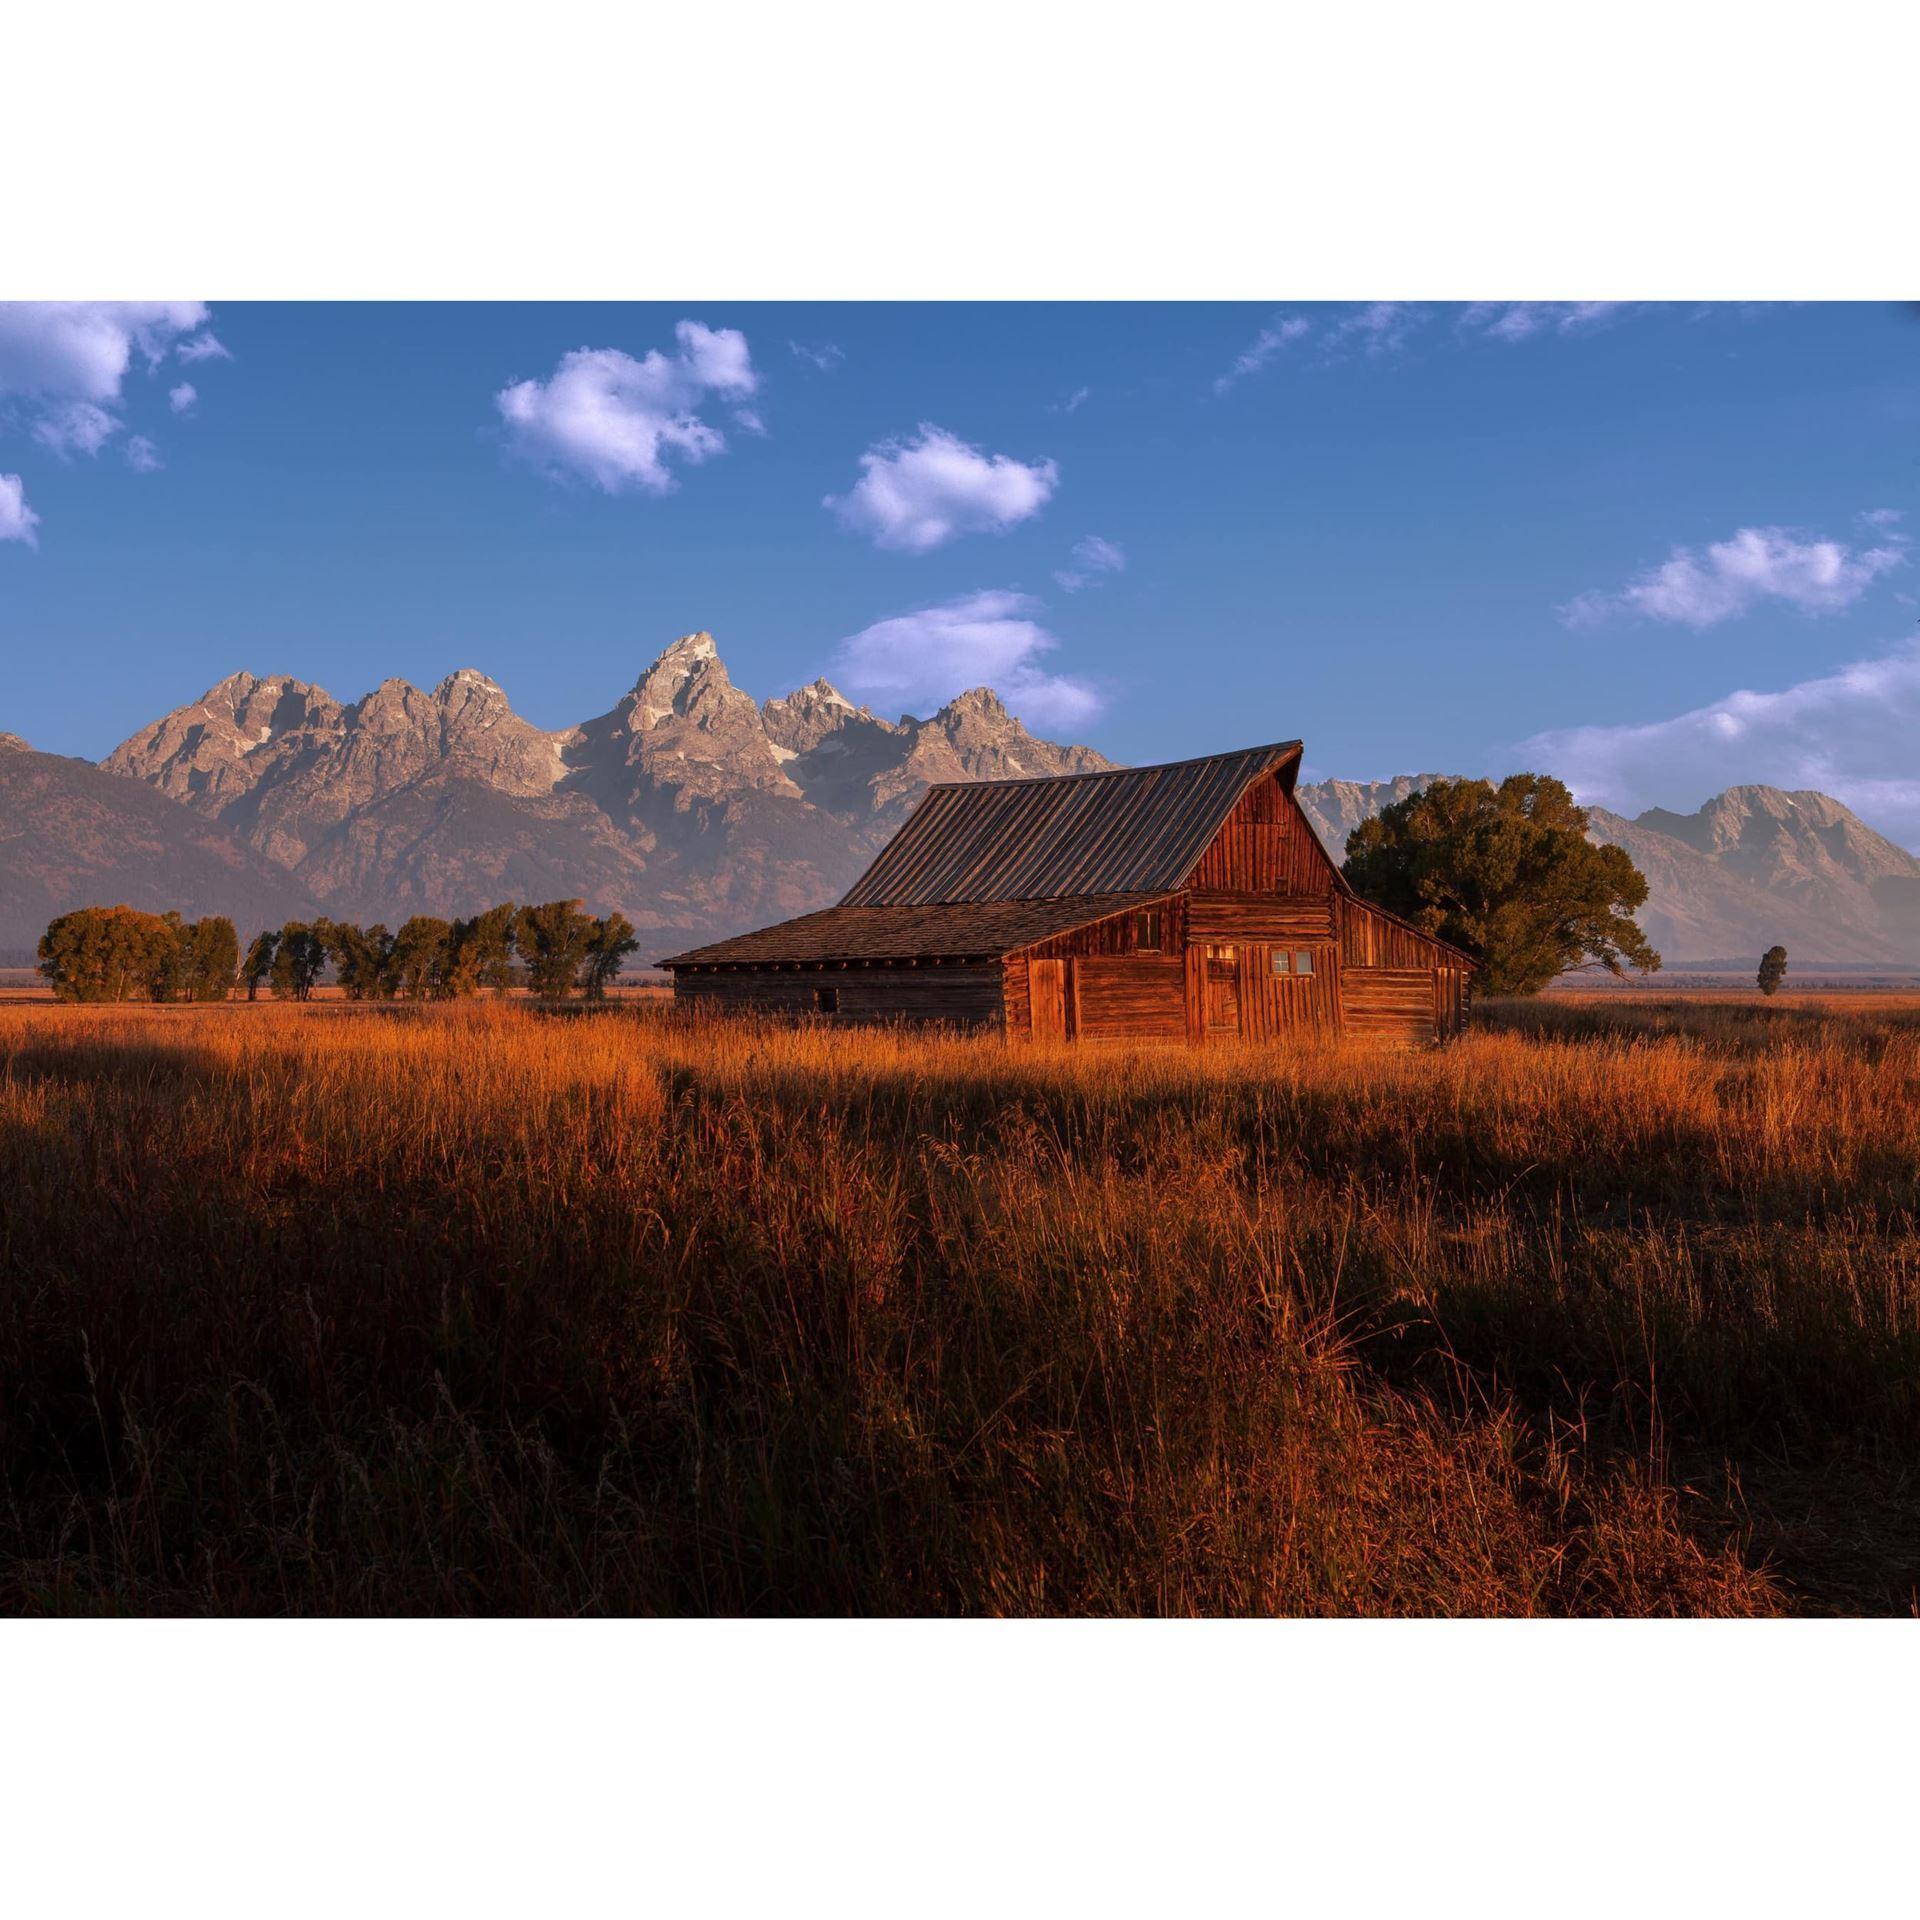 Fall at the Barn 48X32